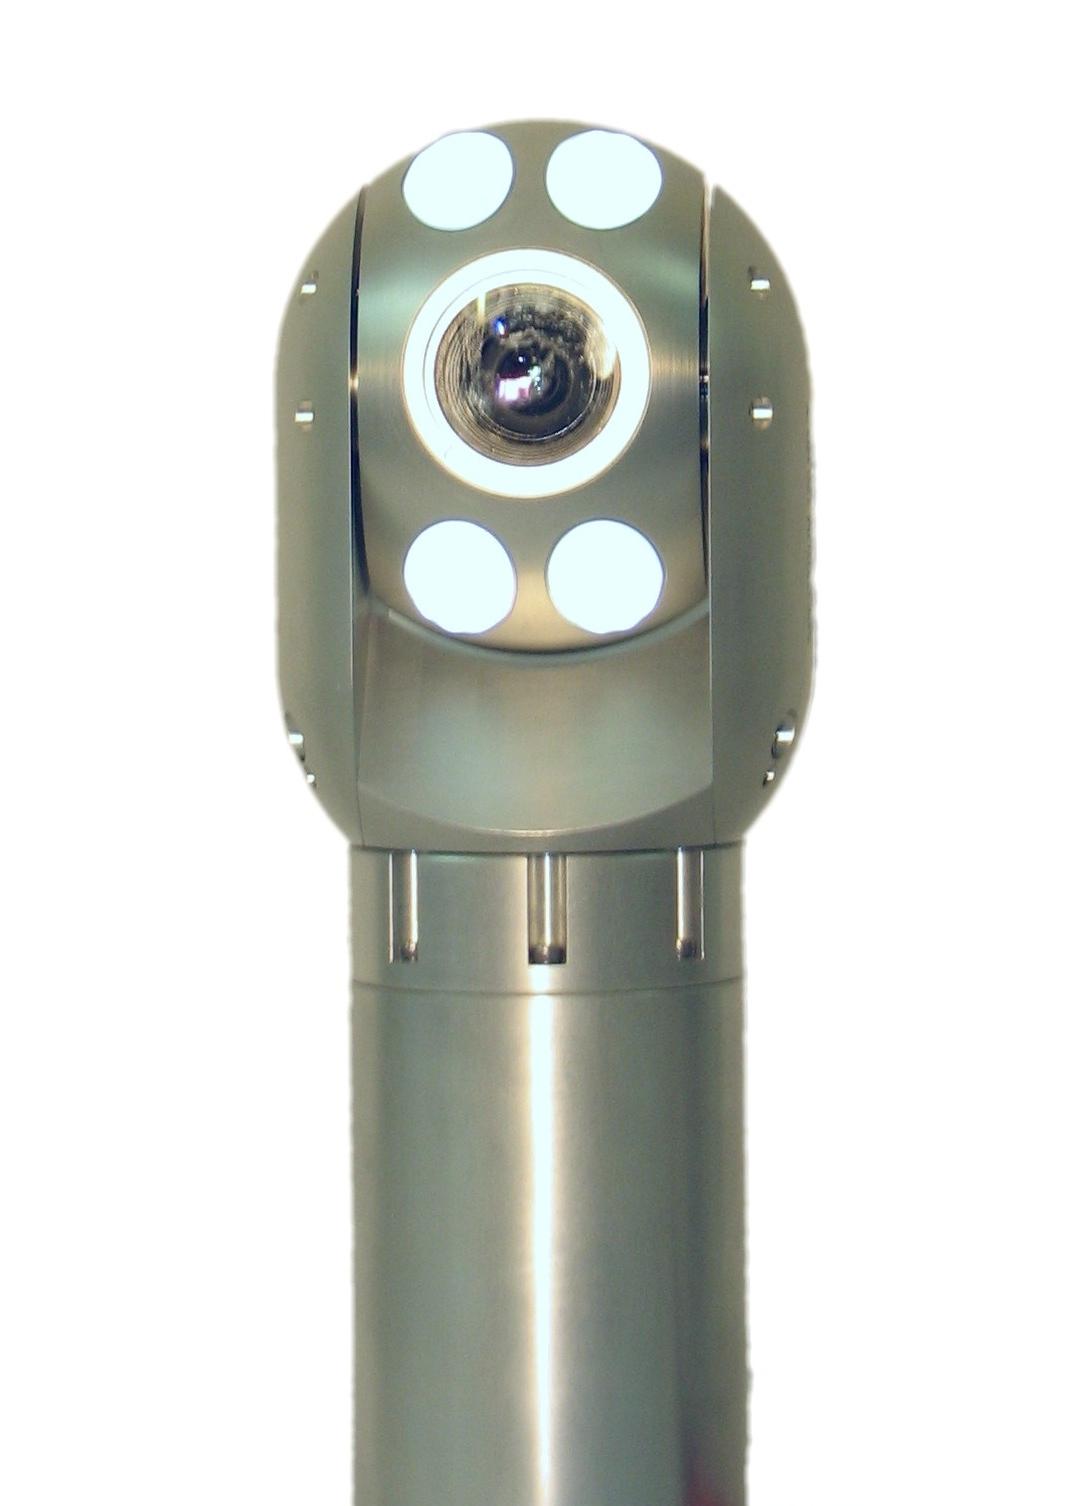 Spectrum 120 Camera